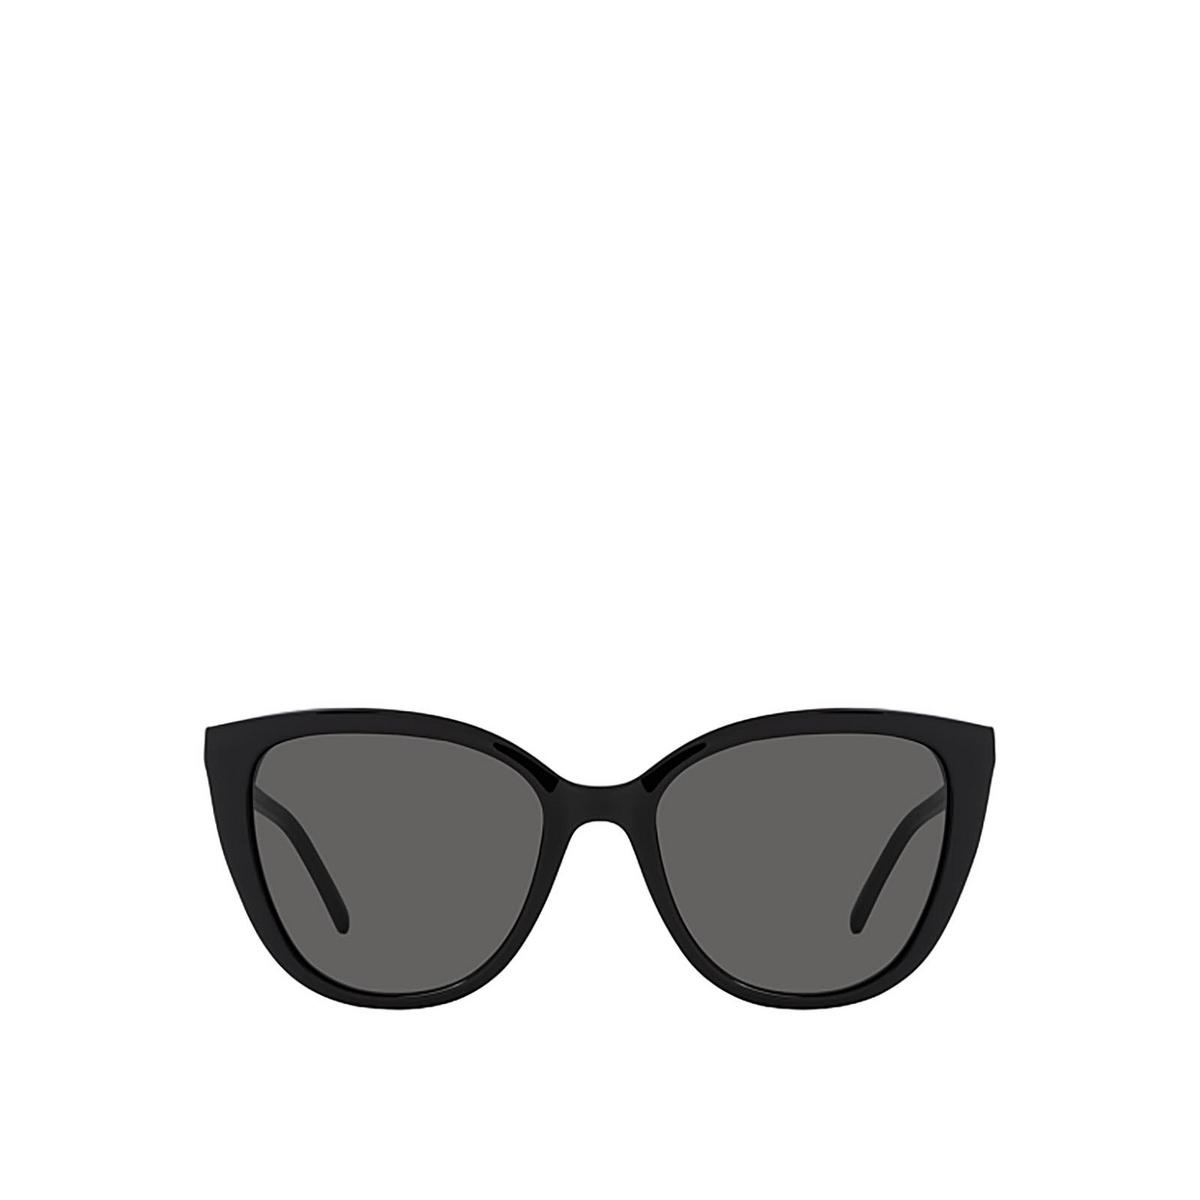 Saint Laurent® Cat-eye Sunglasses: SL M70 color Black 001 - 1/2.